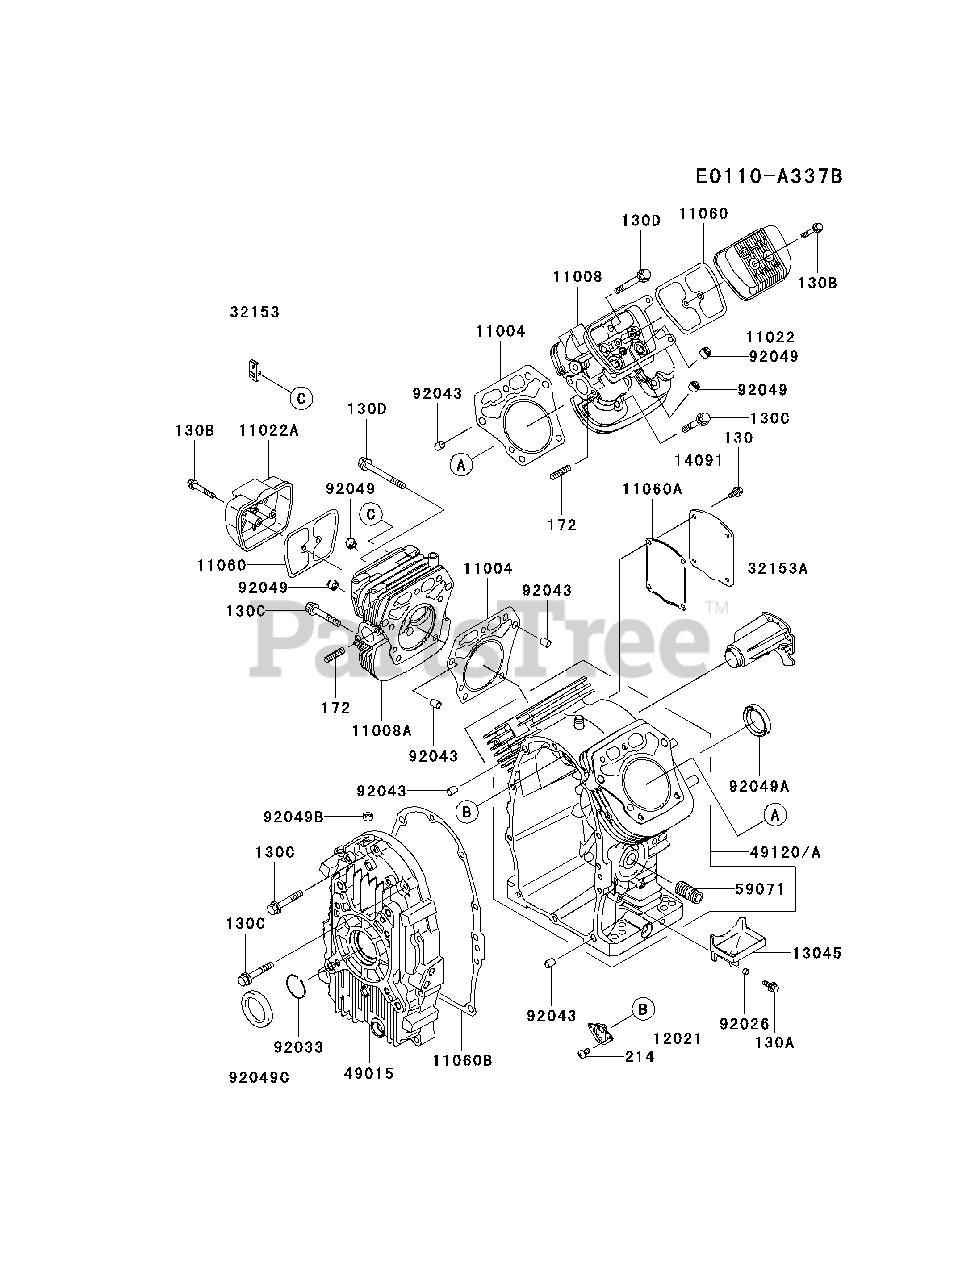 Kawasaki FH680D-AS05 - Kawasaki Engine CYLINDER/CRANKCASE ... on kawasaki fh601v parts, kawasaki prairie 300 carb diagram, kawasaki fc150v parts diagram, mahindra parts diagrams, mtd parts diagrams, kawasaki fb460v parts list, kawasaki ga 2300a generator parts, kawasaki oem parts diagram, bush hog parts diagrams, long tractor engine parts diagrams, kawasaki fh580v parts, kawasaki ga1000a generator parts, kawasaki fh680v parts electric clutch, kawasaki fc420v parts diagram, kawasaki replacement engines, caterpillar engine parts diagrams, kawasaki mule parts diagram, small four-stroke engine diagrams, exmark parts diagrams, kawasaki 250 parts diagram,